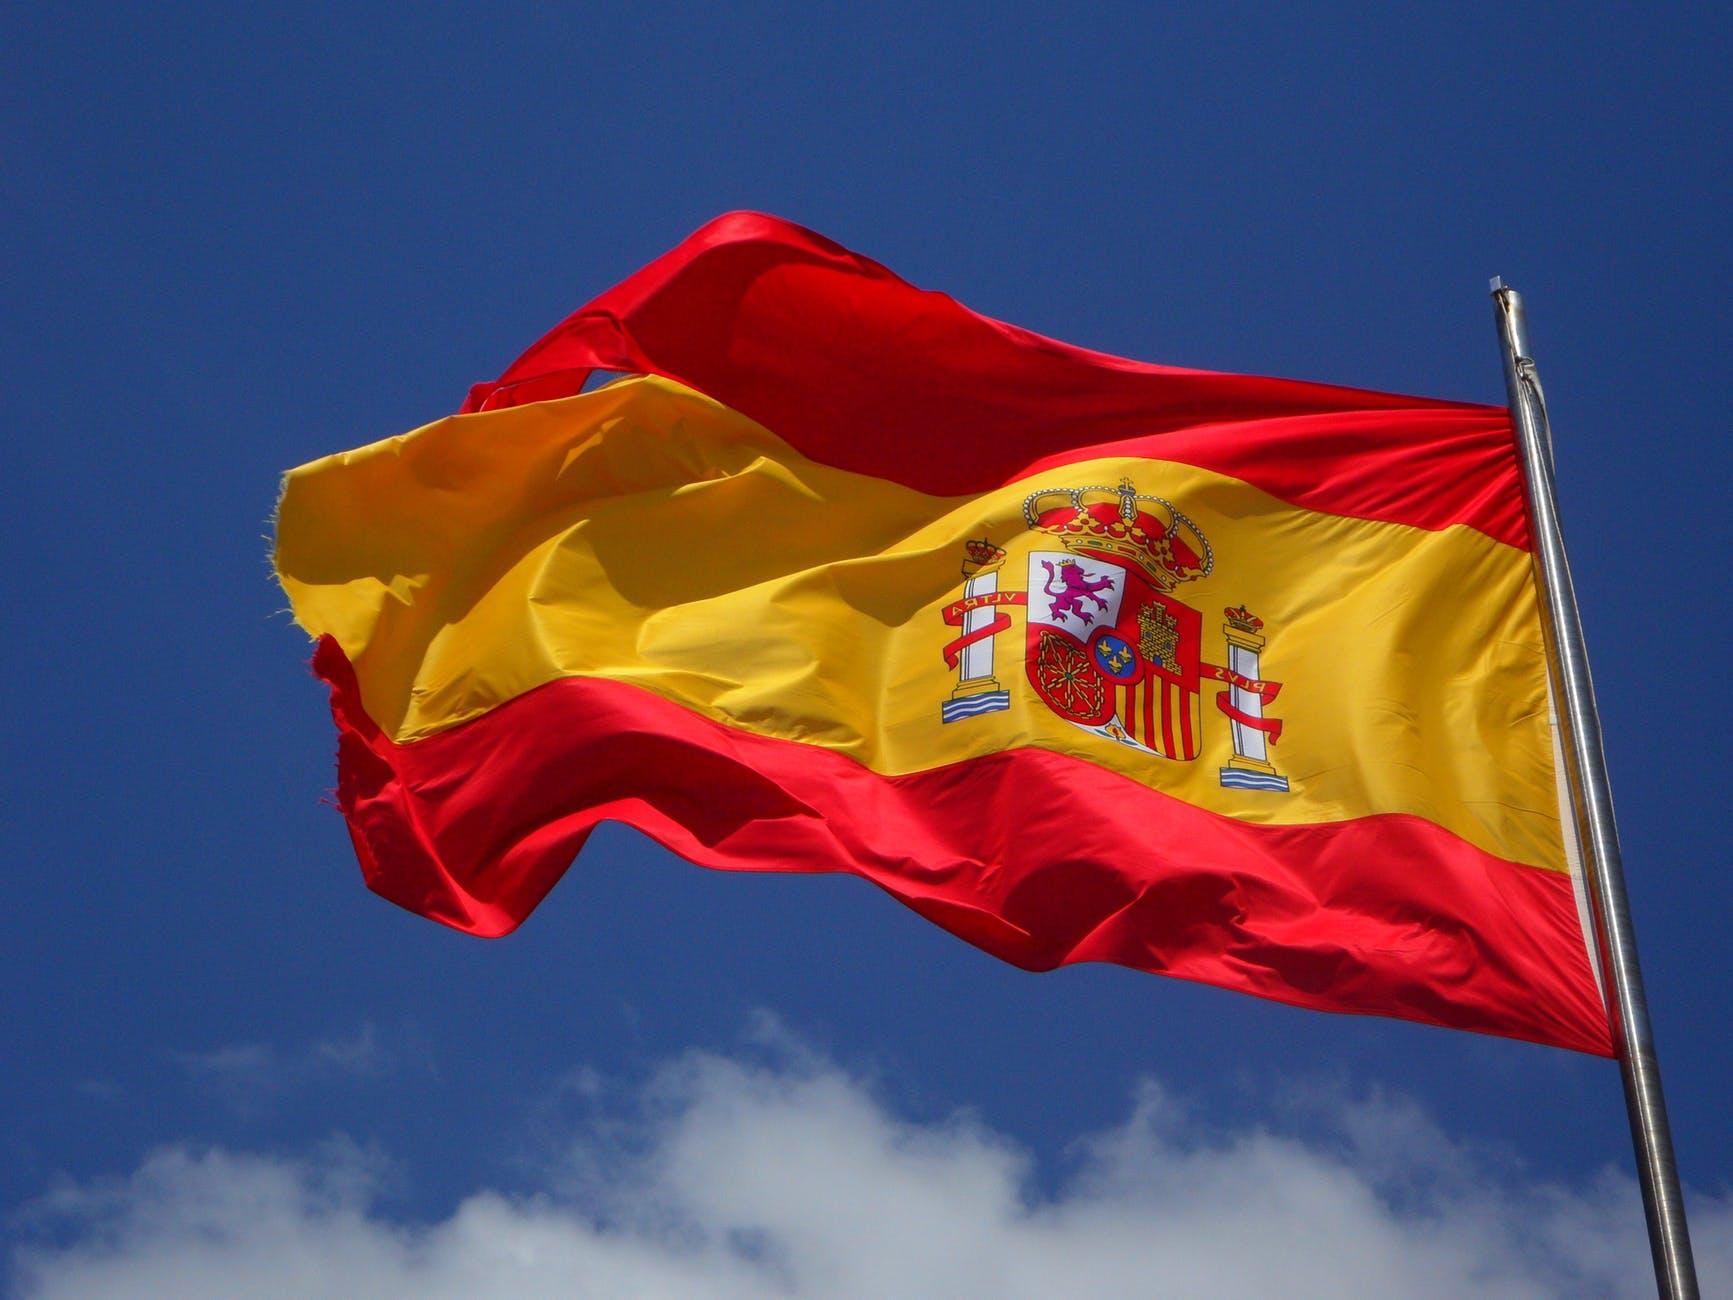 spain-flag-flutter-spanish-54097.jpg